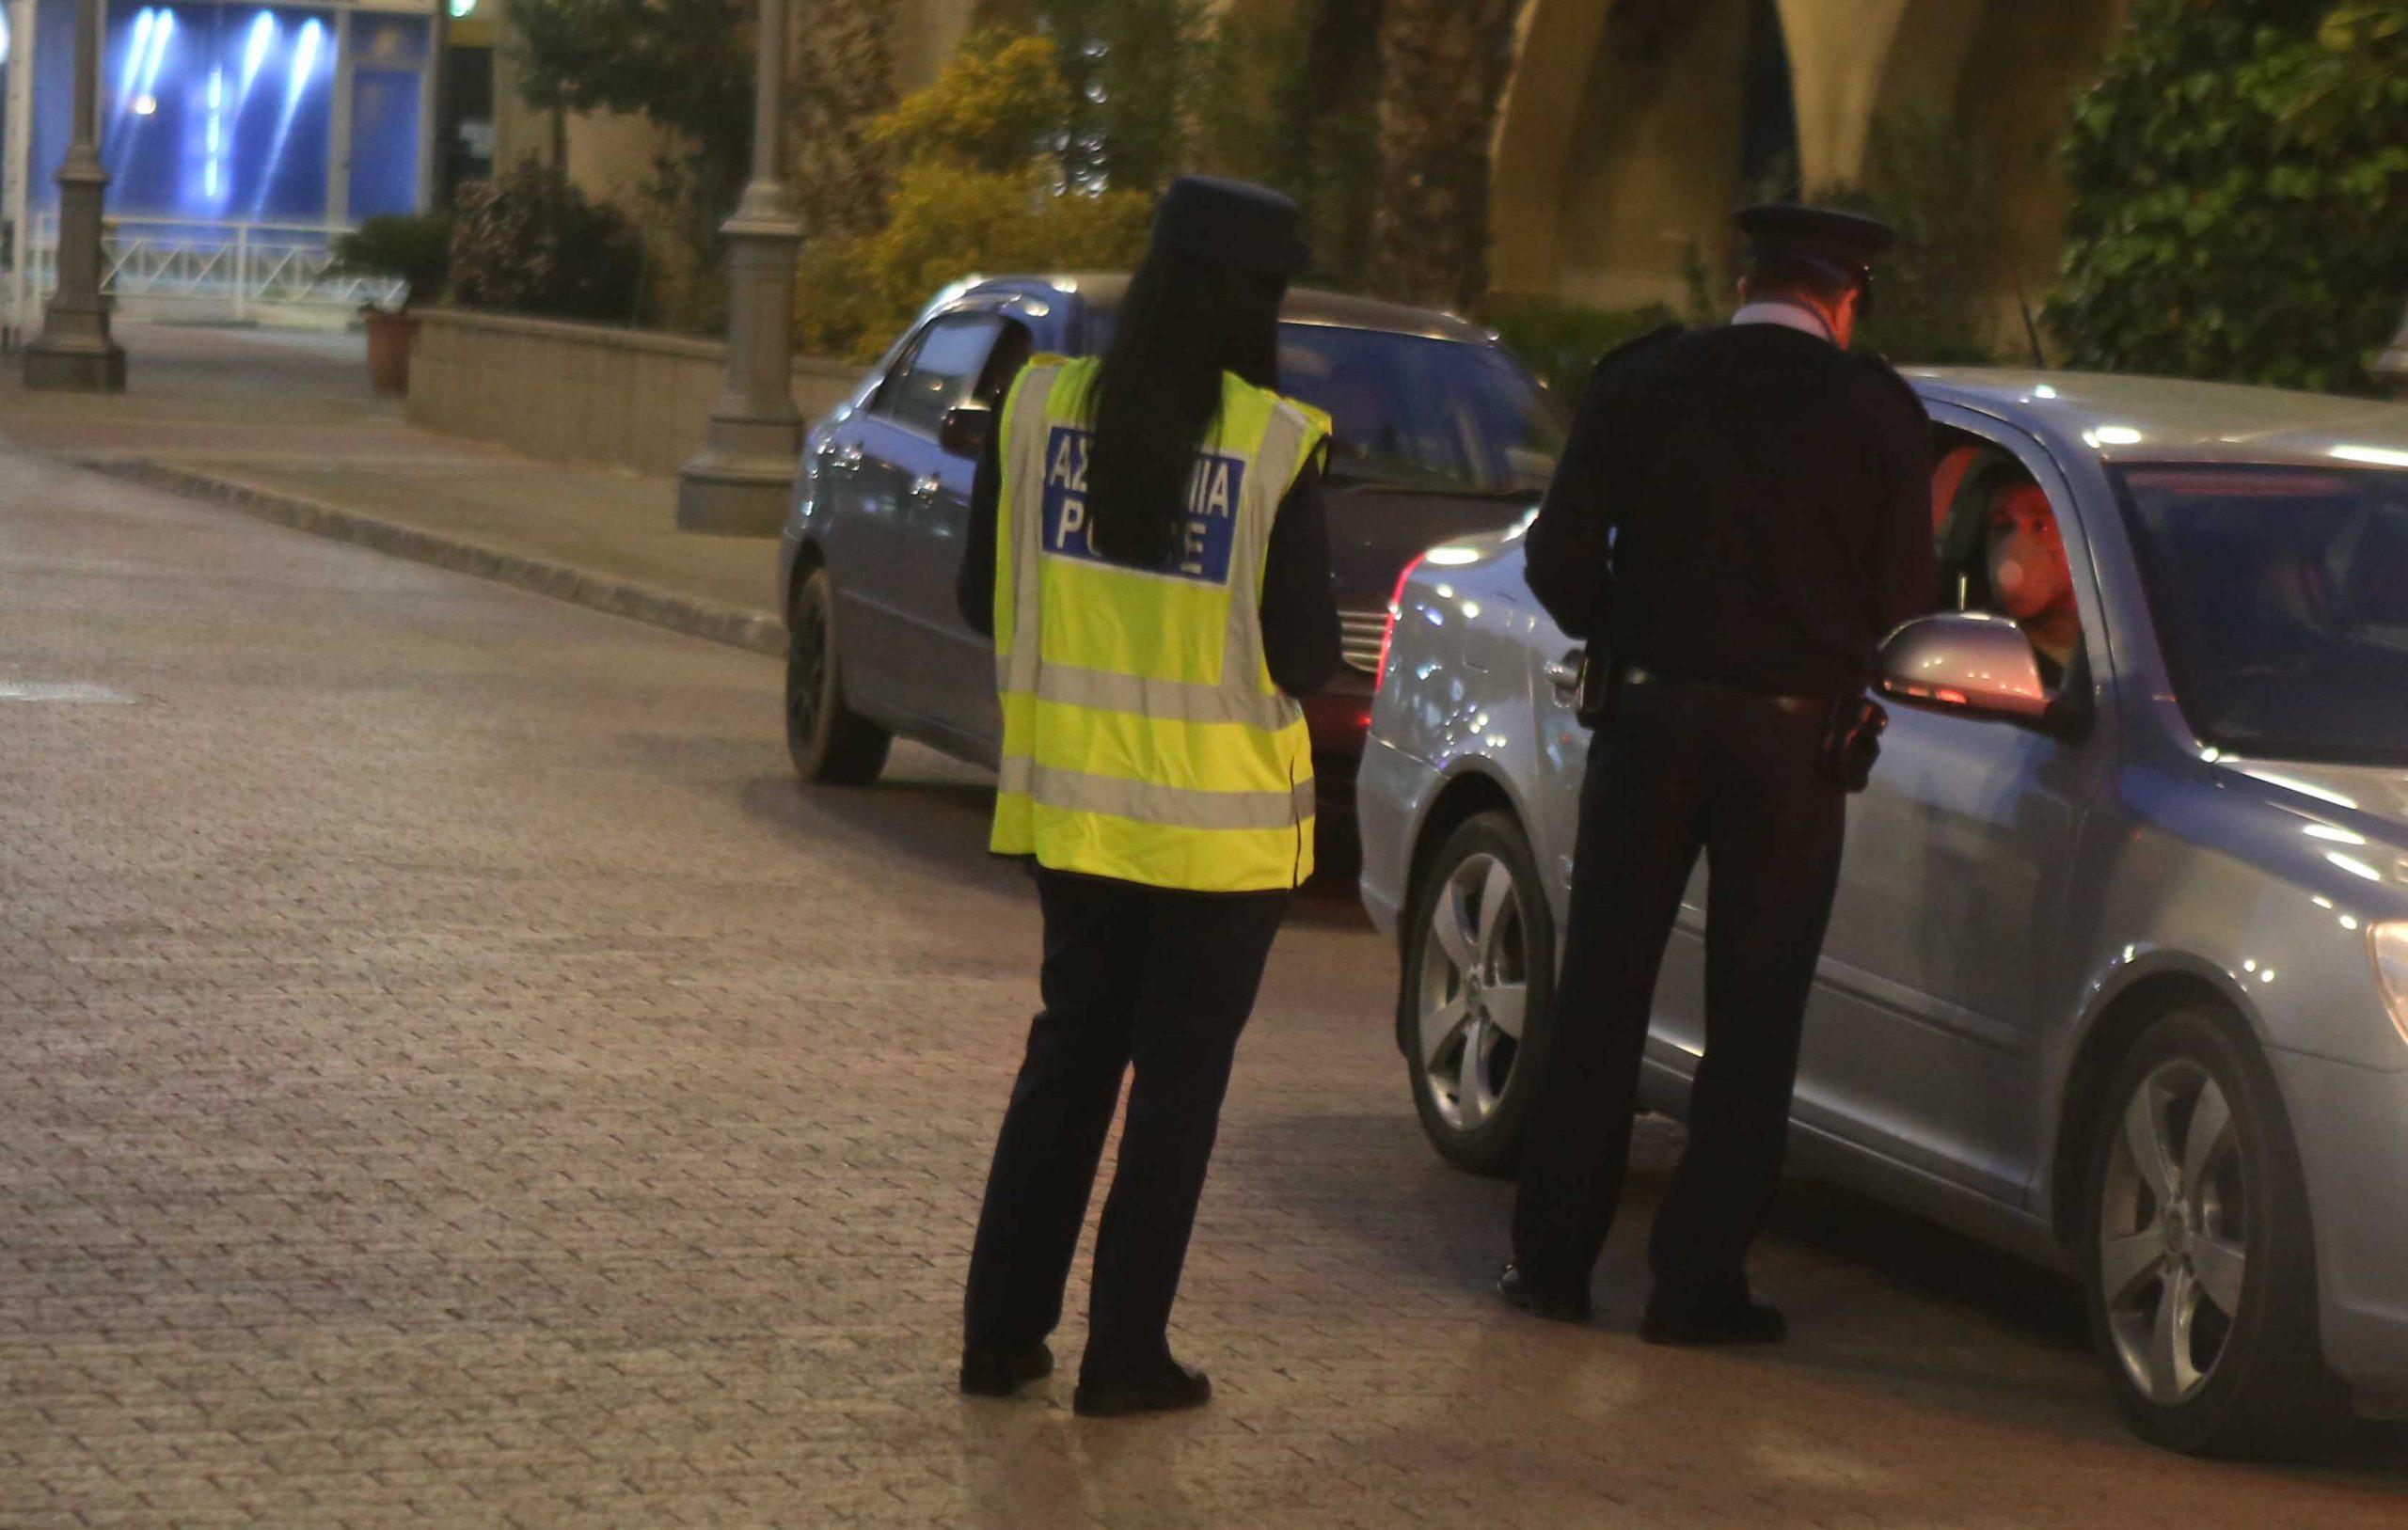 Καταγγέλθηκαν 28 πολίτες και 5 ιδιοκτήτες υποστατικών για παραβίαση των μέτρων COVID – 19